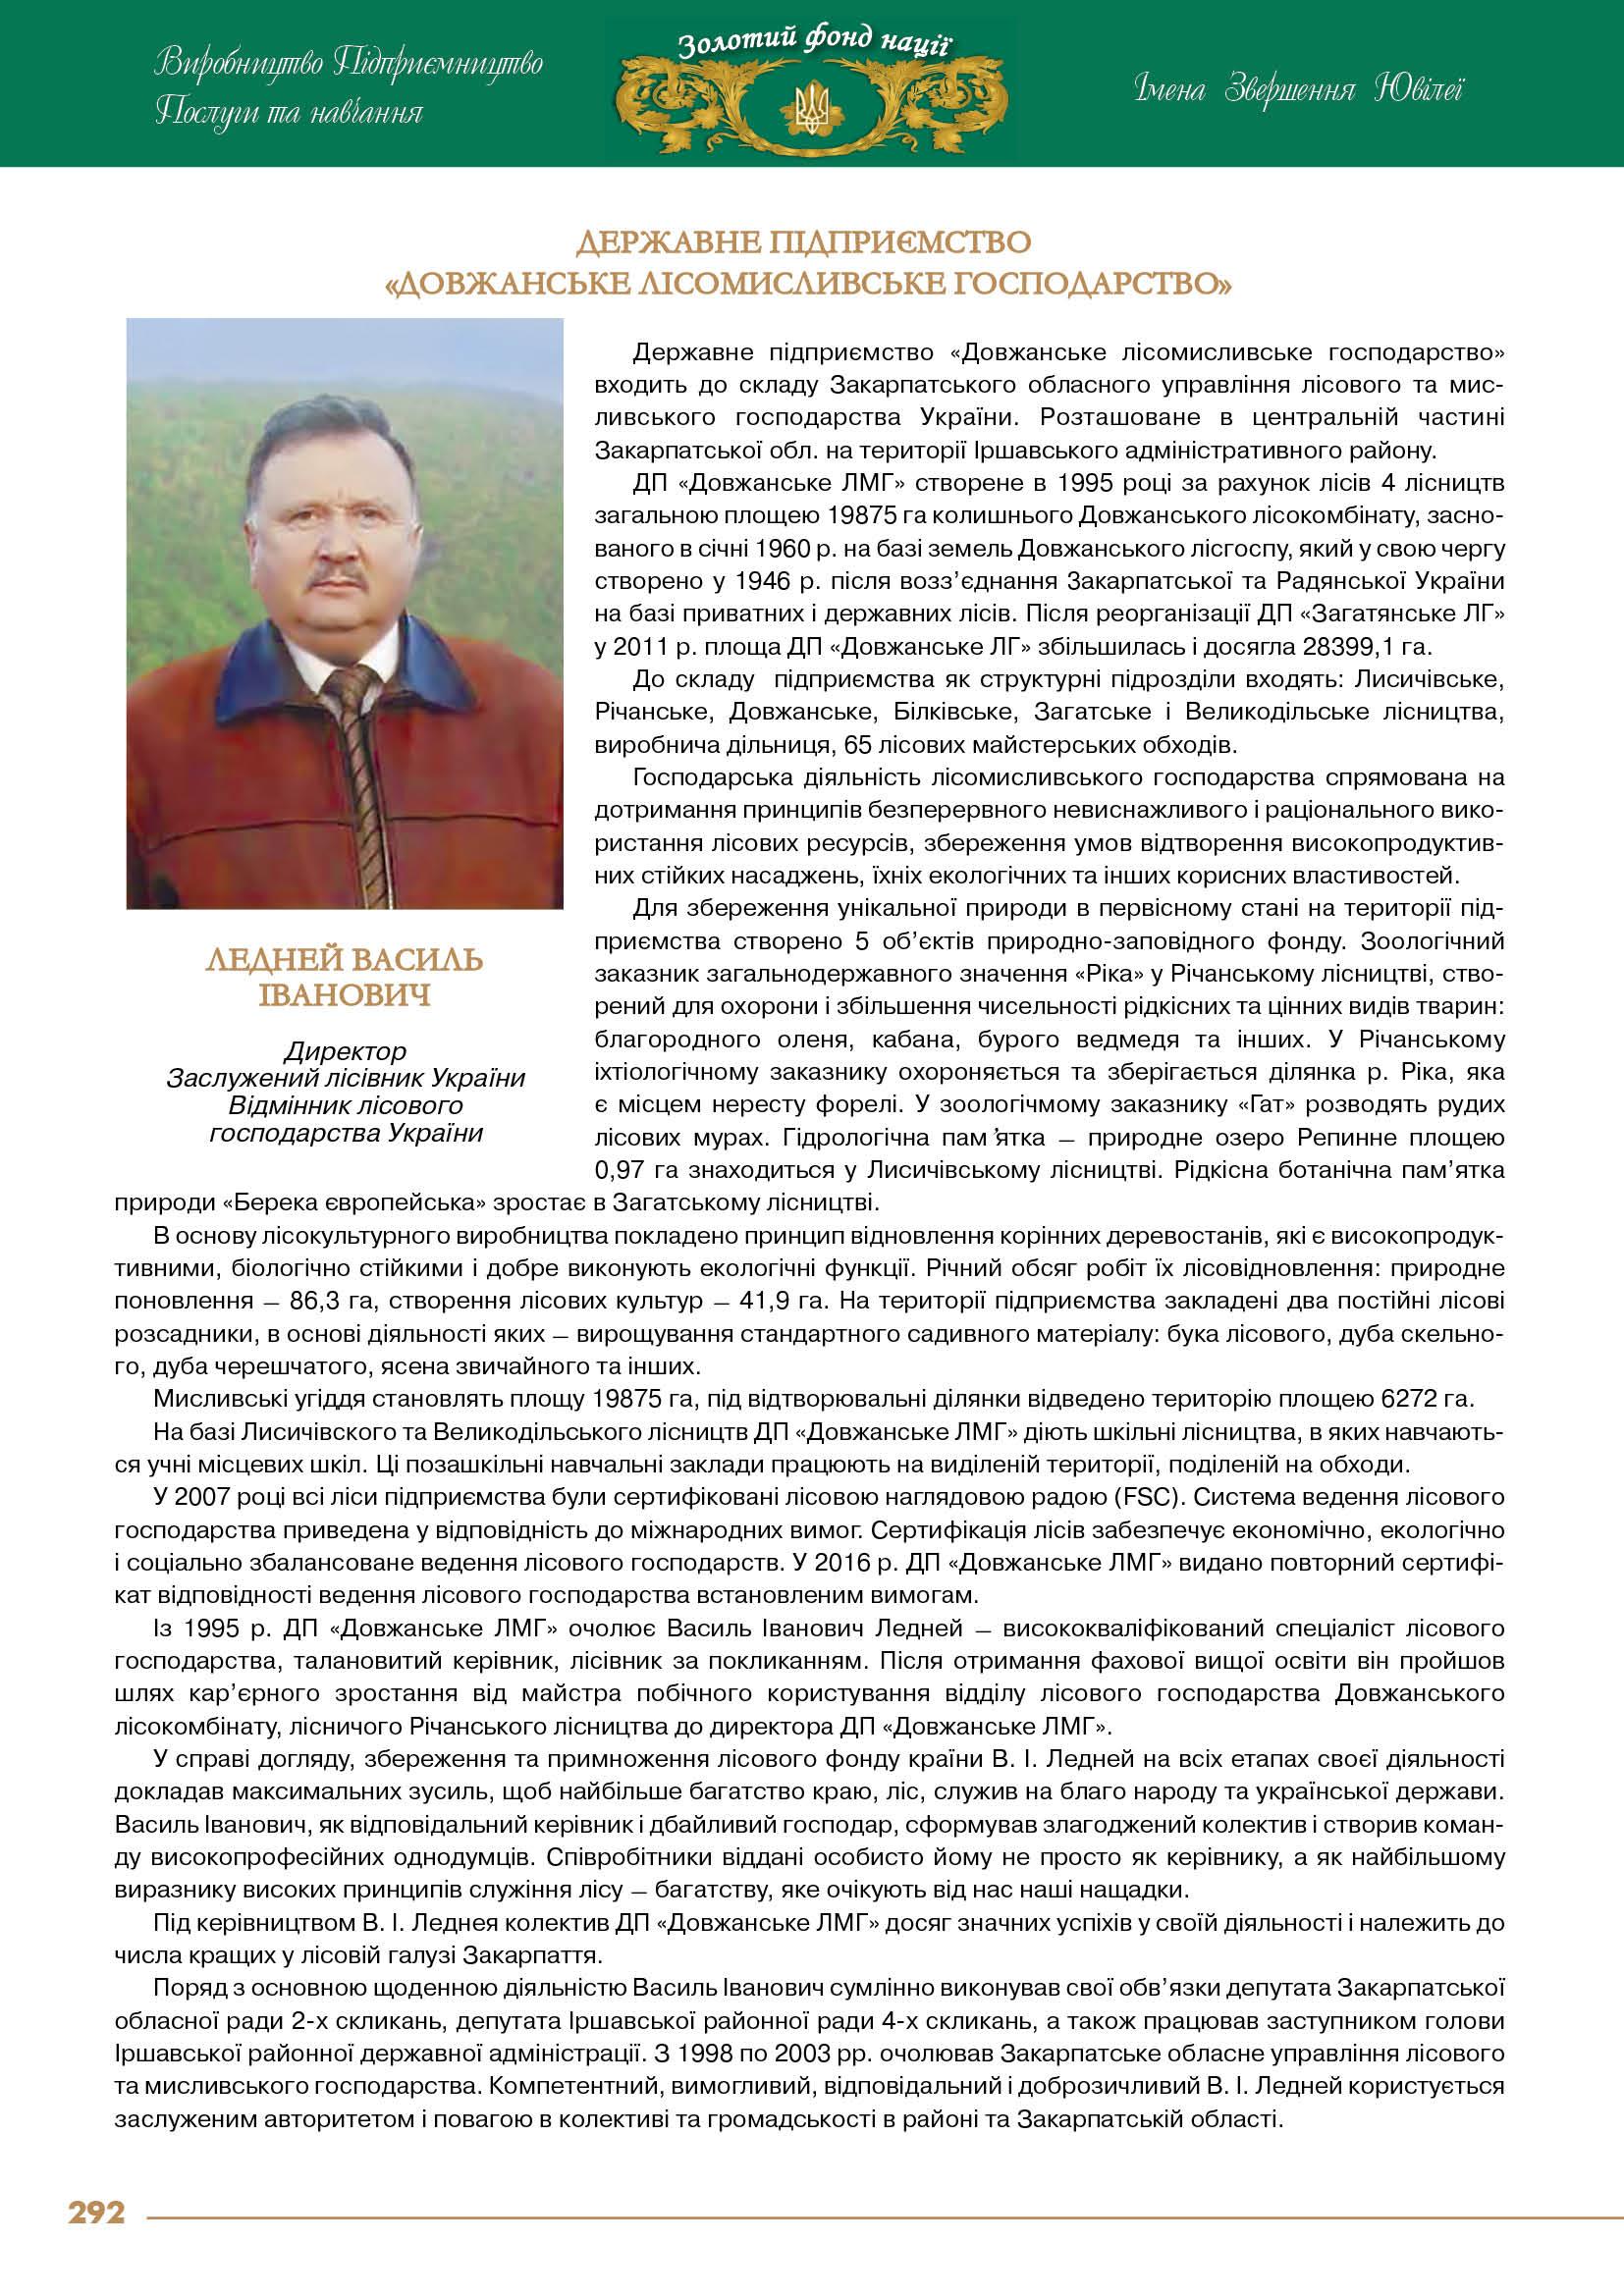 Державне підприємство «Довжанське лісомисливське господарство» - директор Ледней Василь Іванович